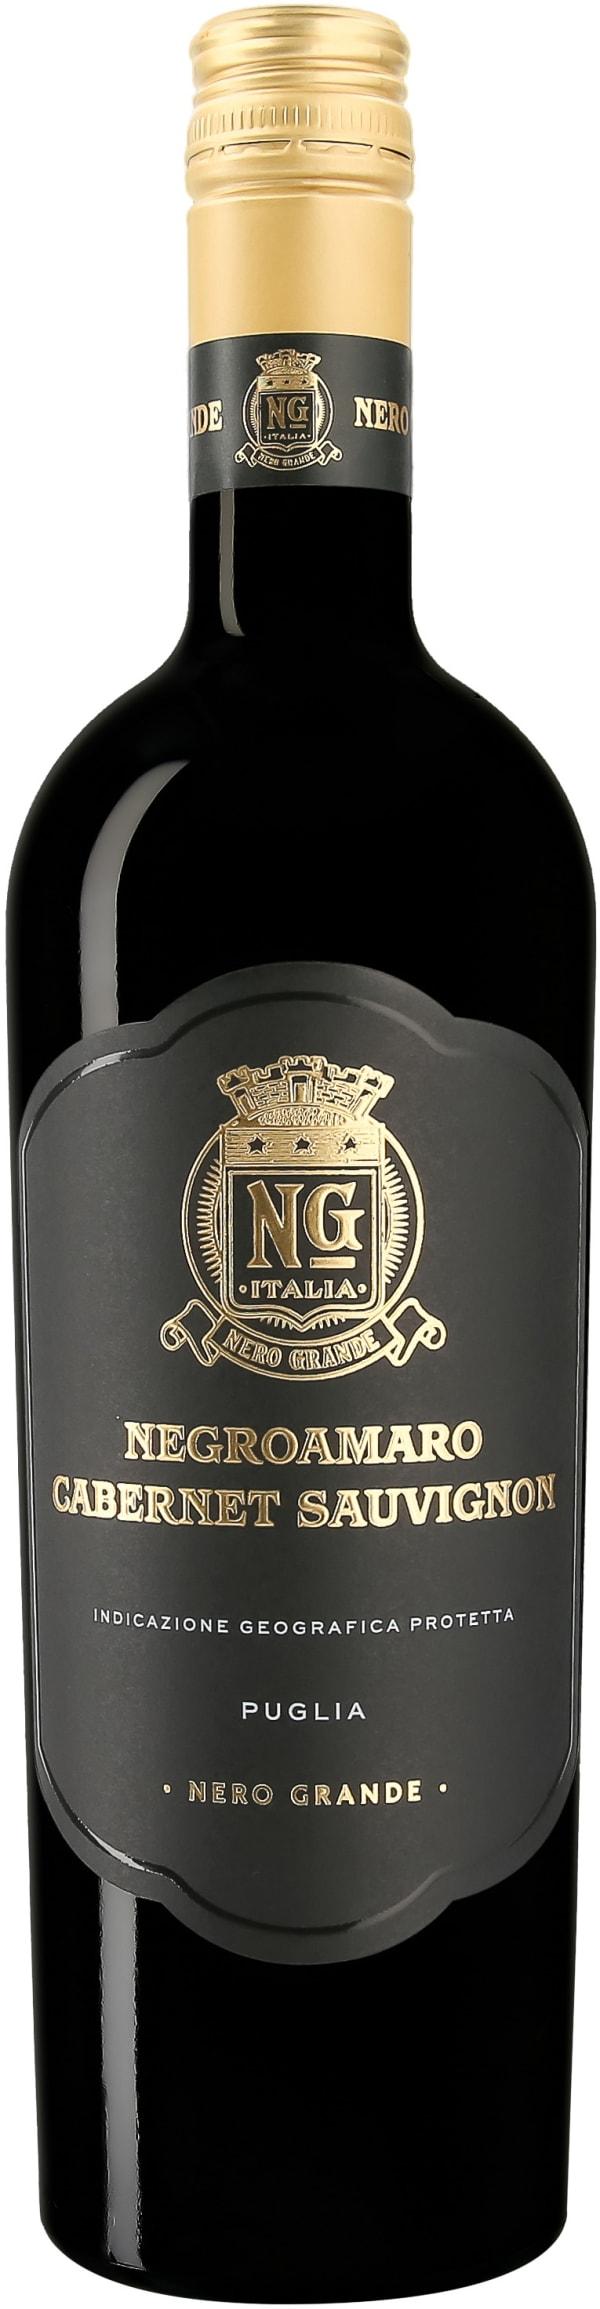 Nero Grande Negroamaro Cabernet Sauvignon 2019